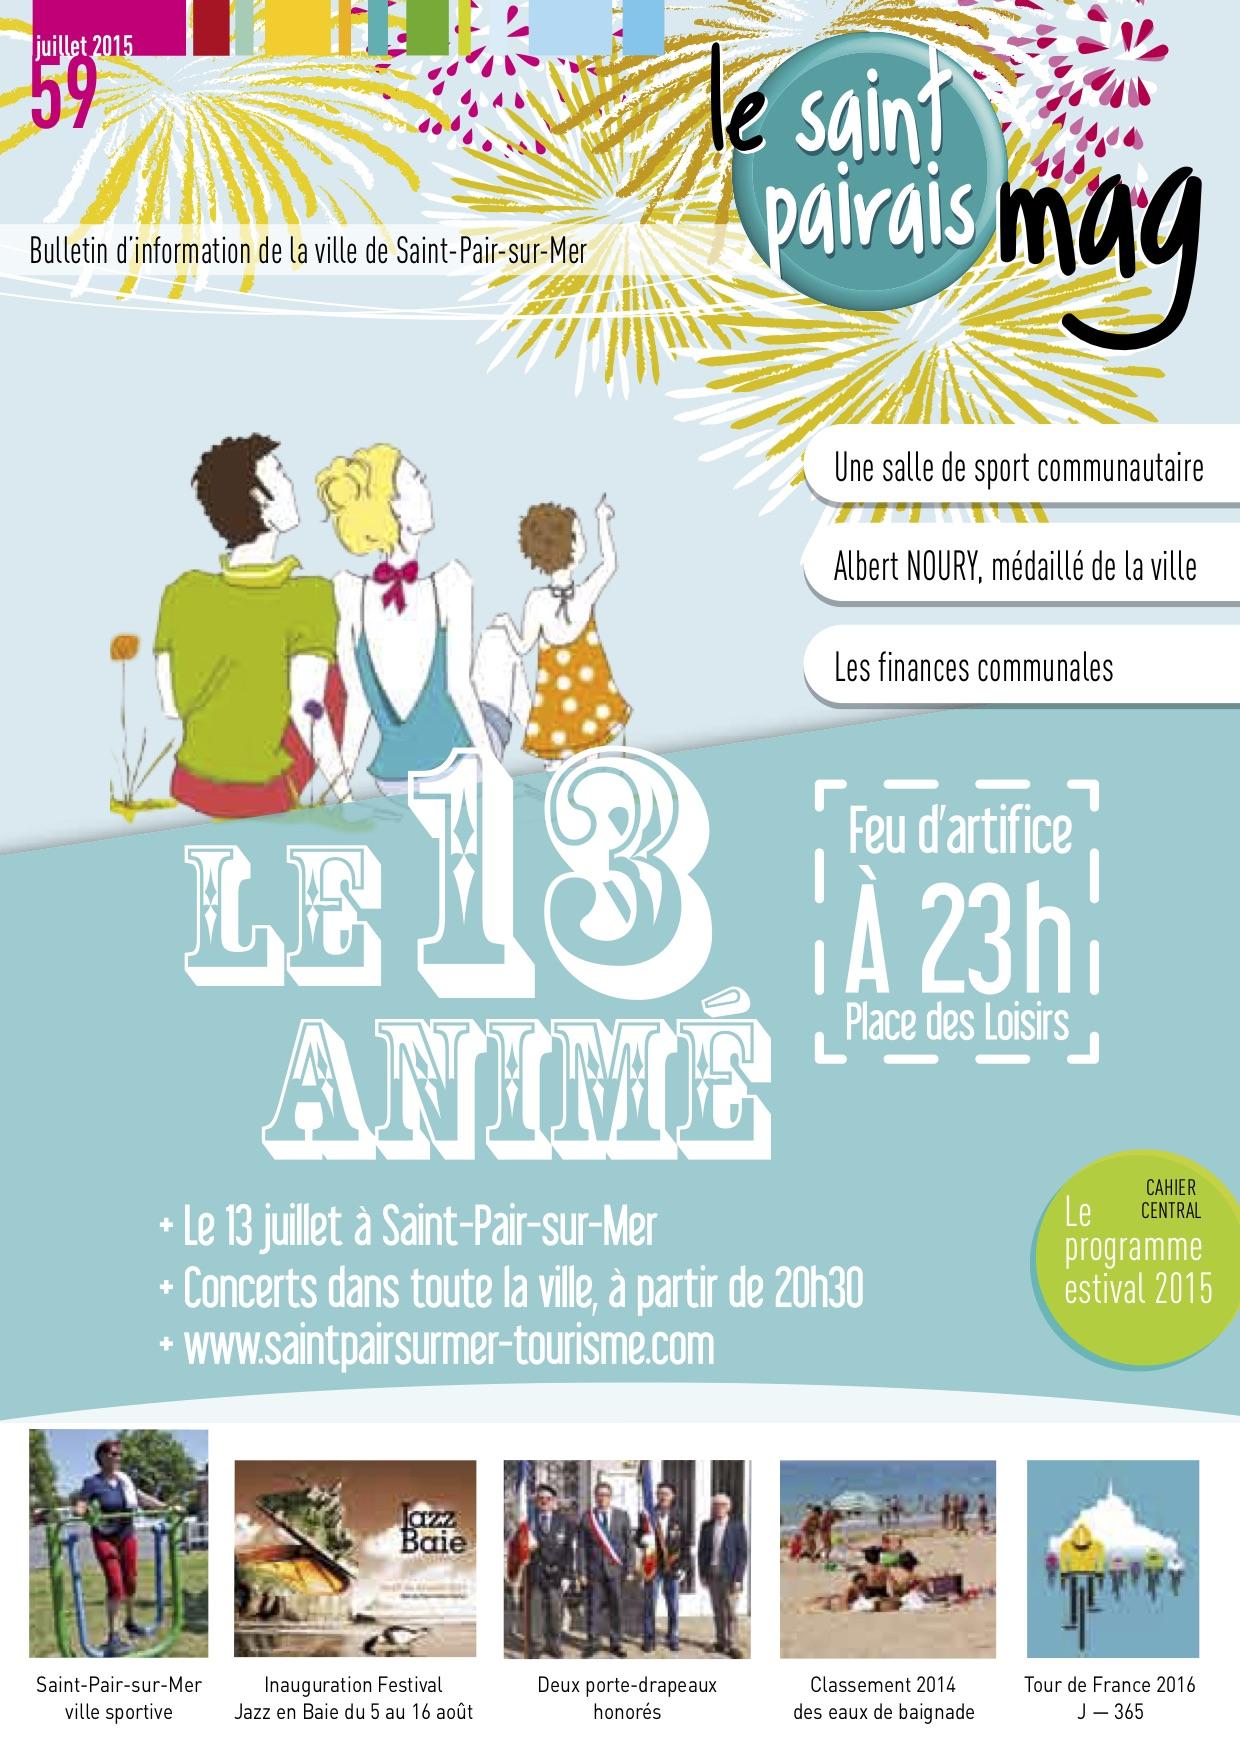 Saint Pairais Mag n°59